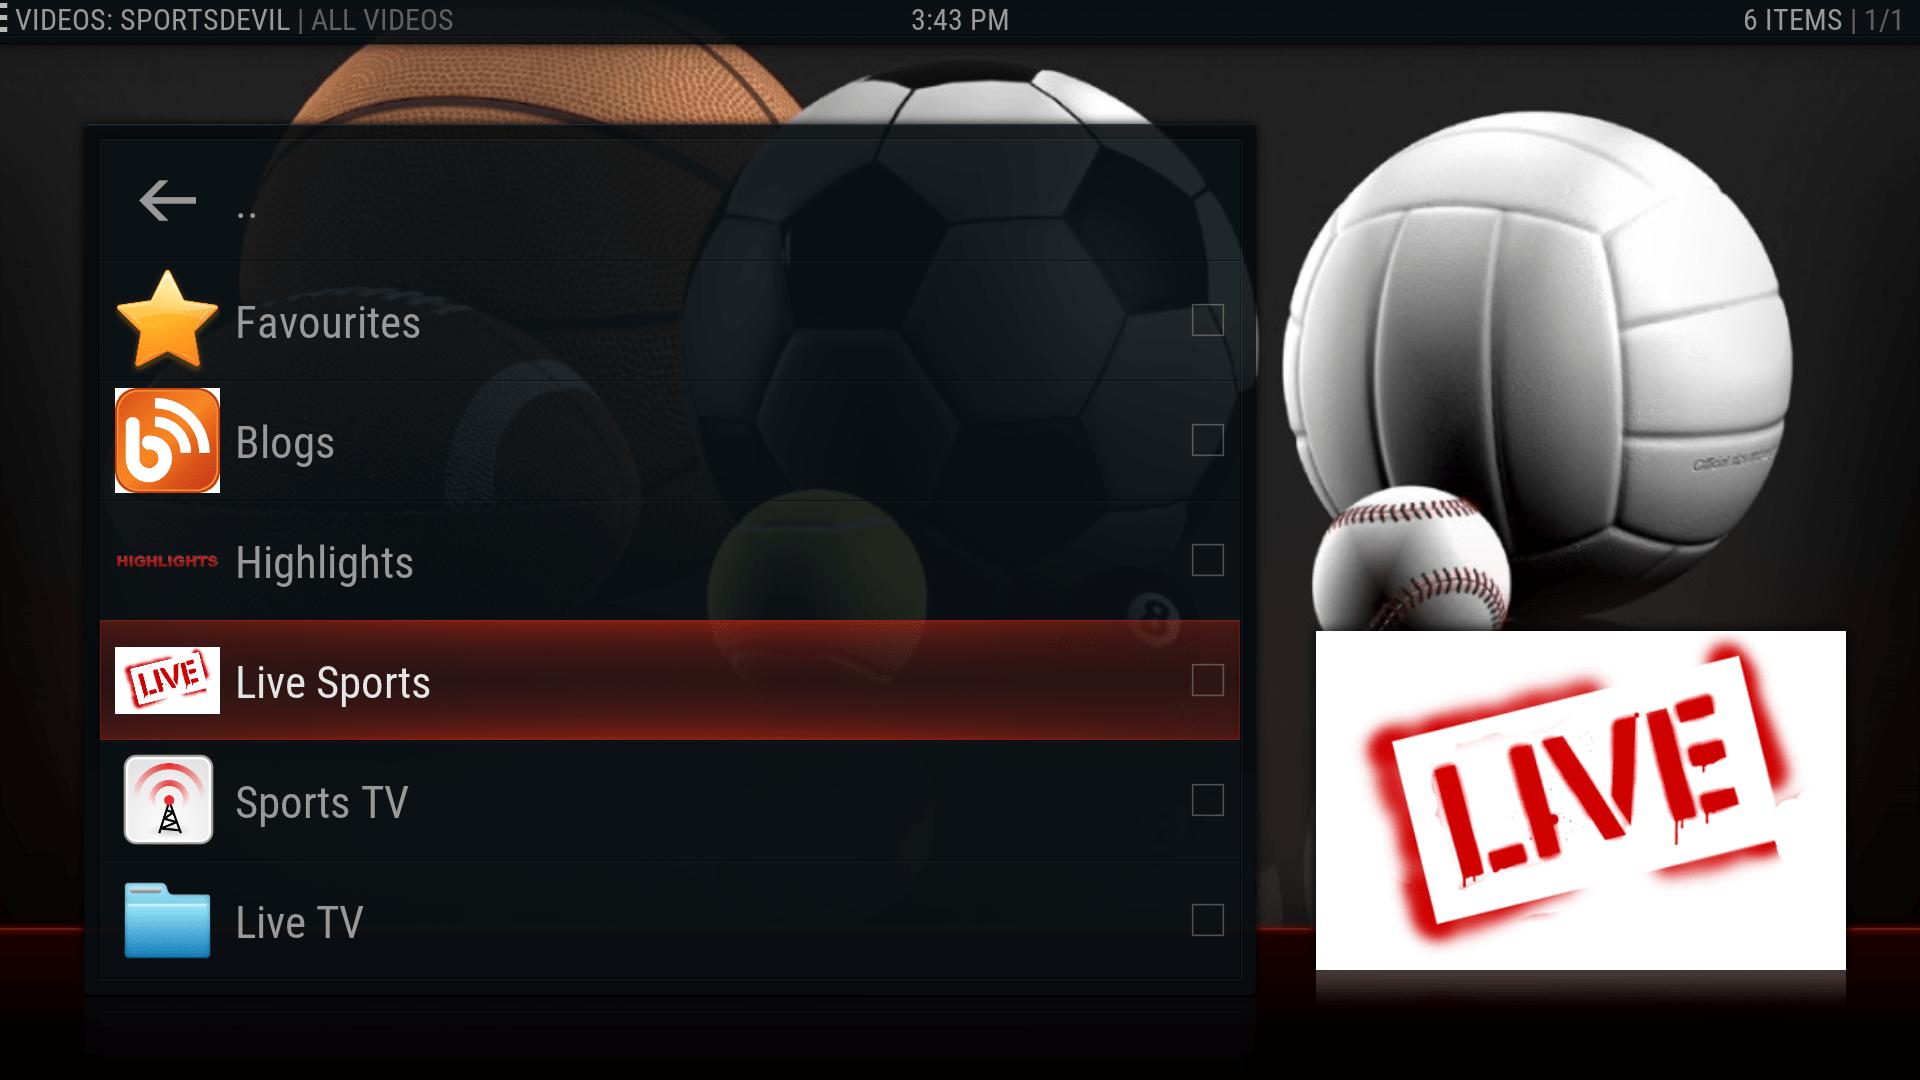 SportsDevil